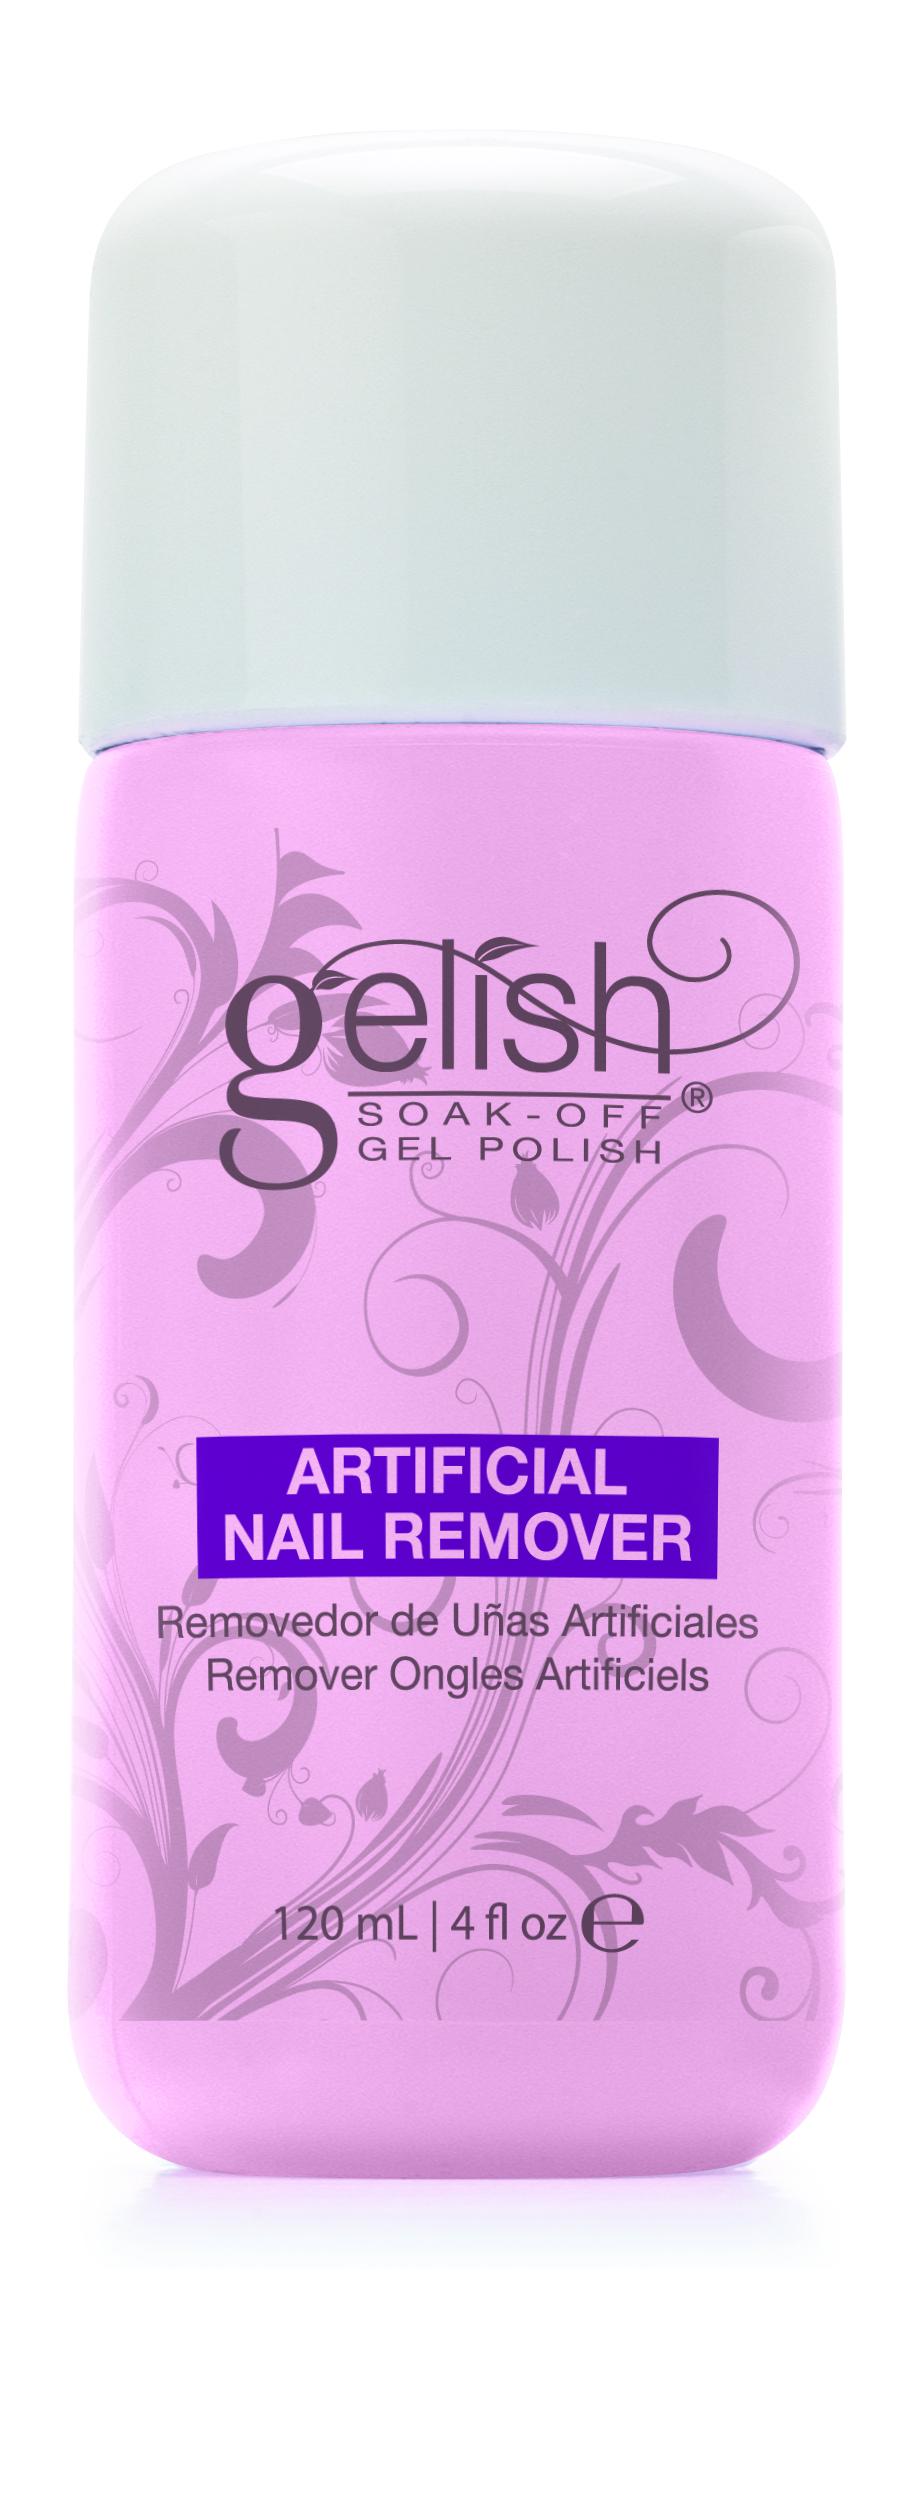 GELISH Препарат для удаления растворяемых гелей / GELISH Artificial Nail Remove 120мл